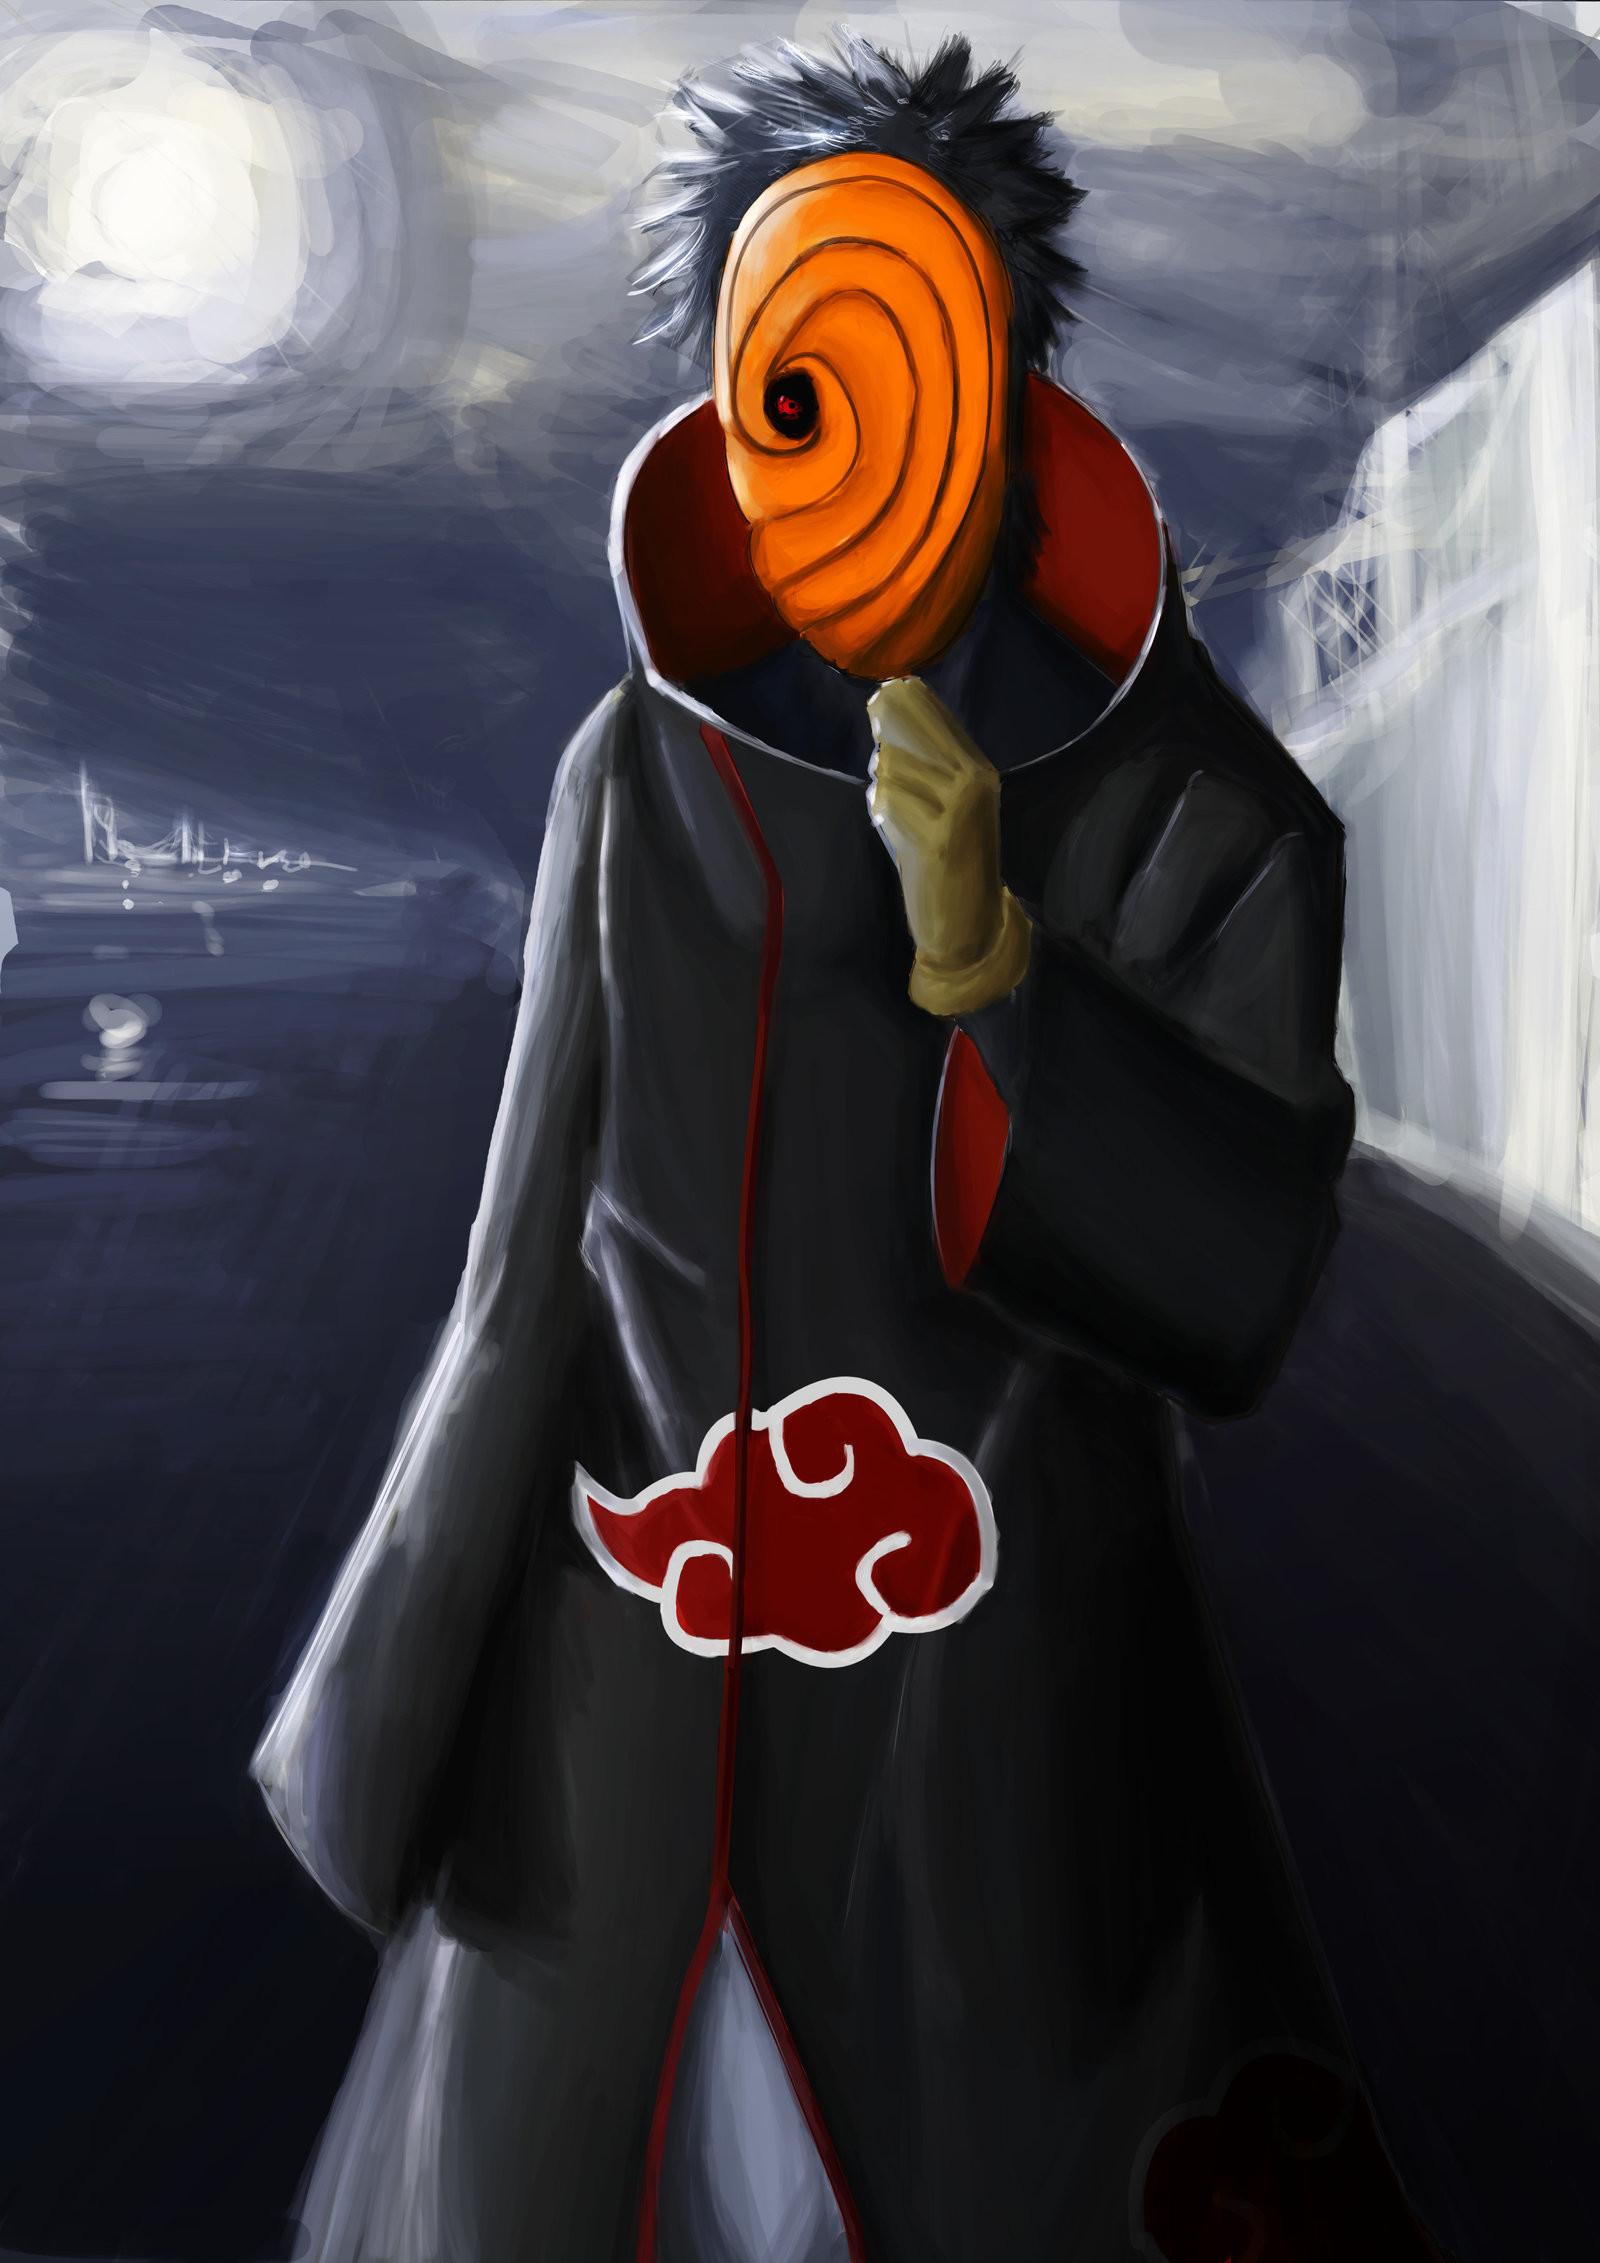 Naruto Tobi Wallpaper (58+ images)